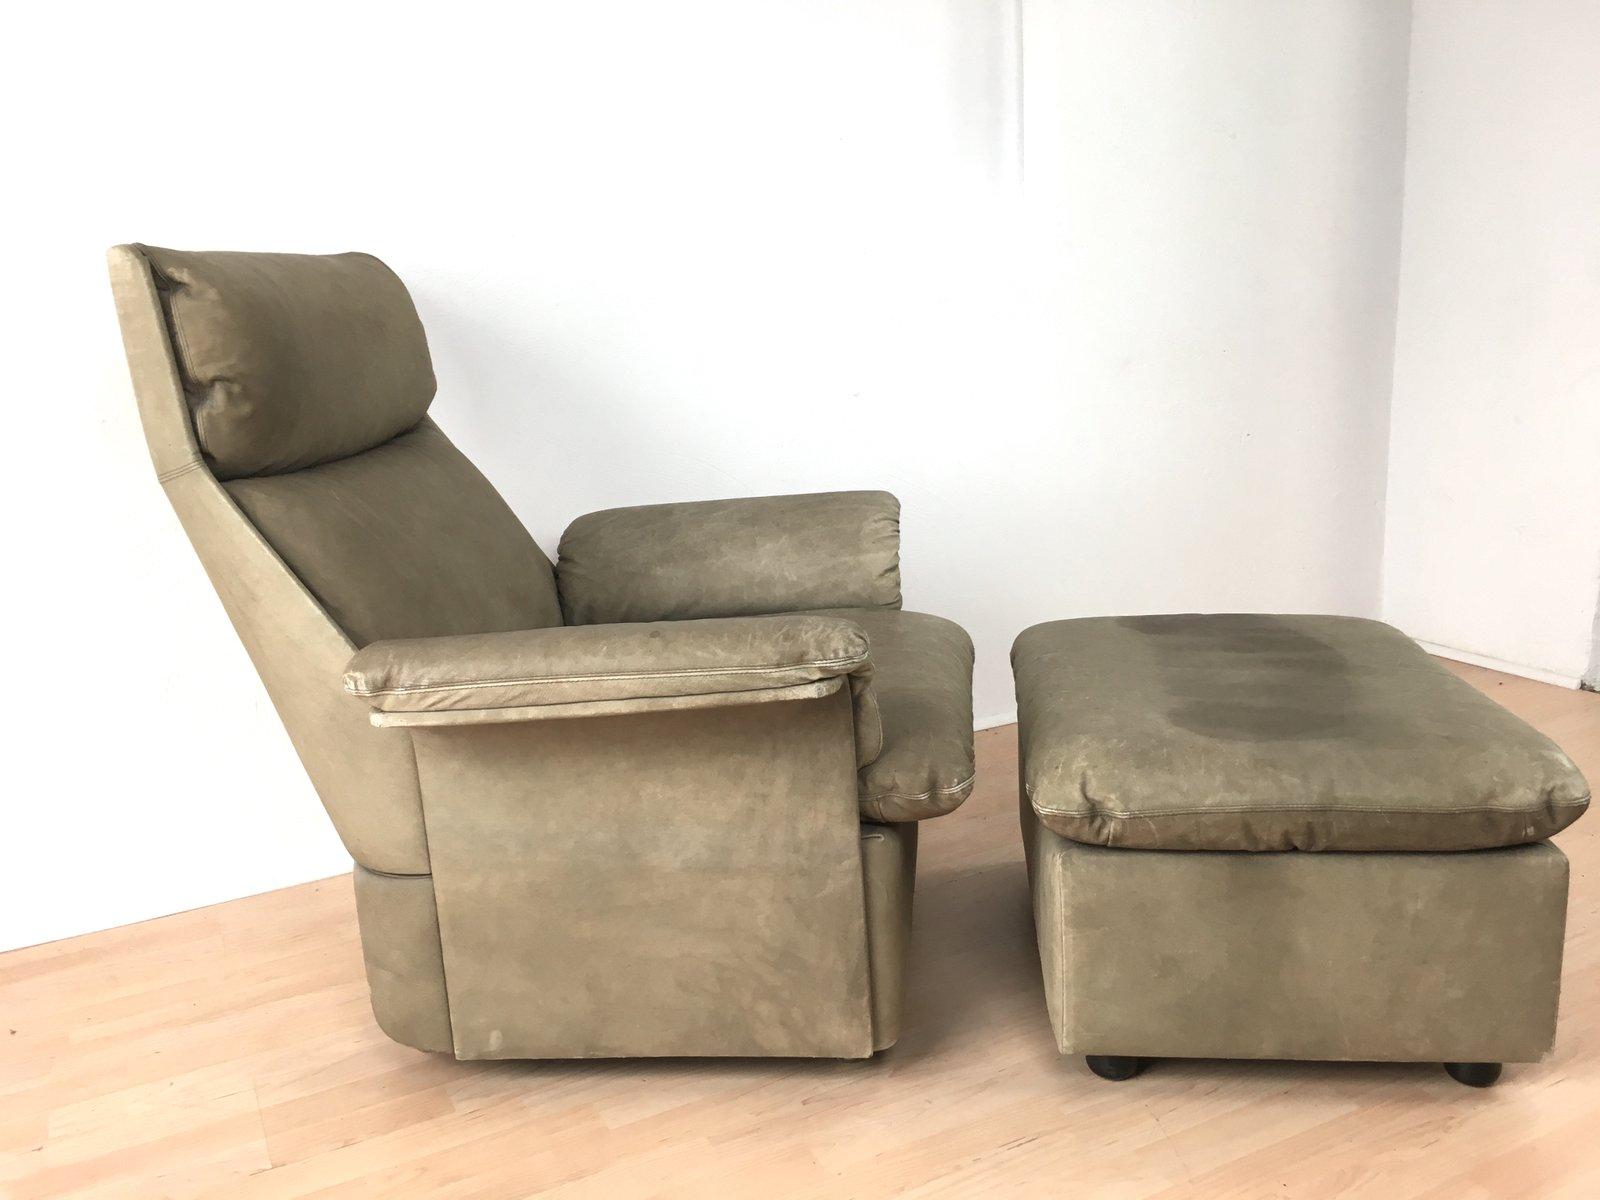 sessel und ottomane set aus leder von de sede 1960er bei. Black Bedroom Furniture Sets. Home Design Ideas